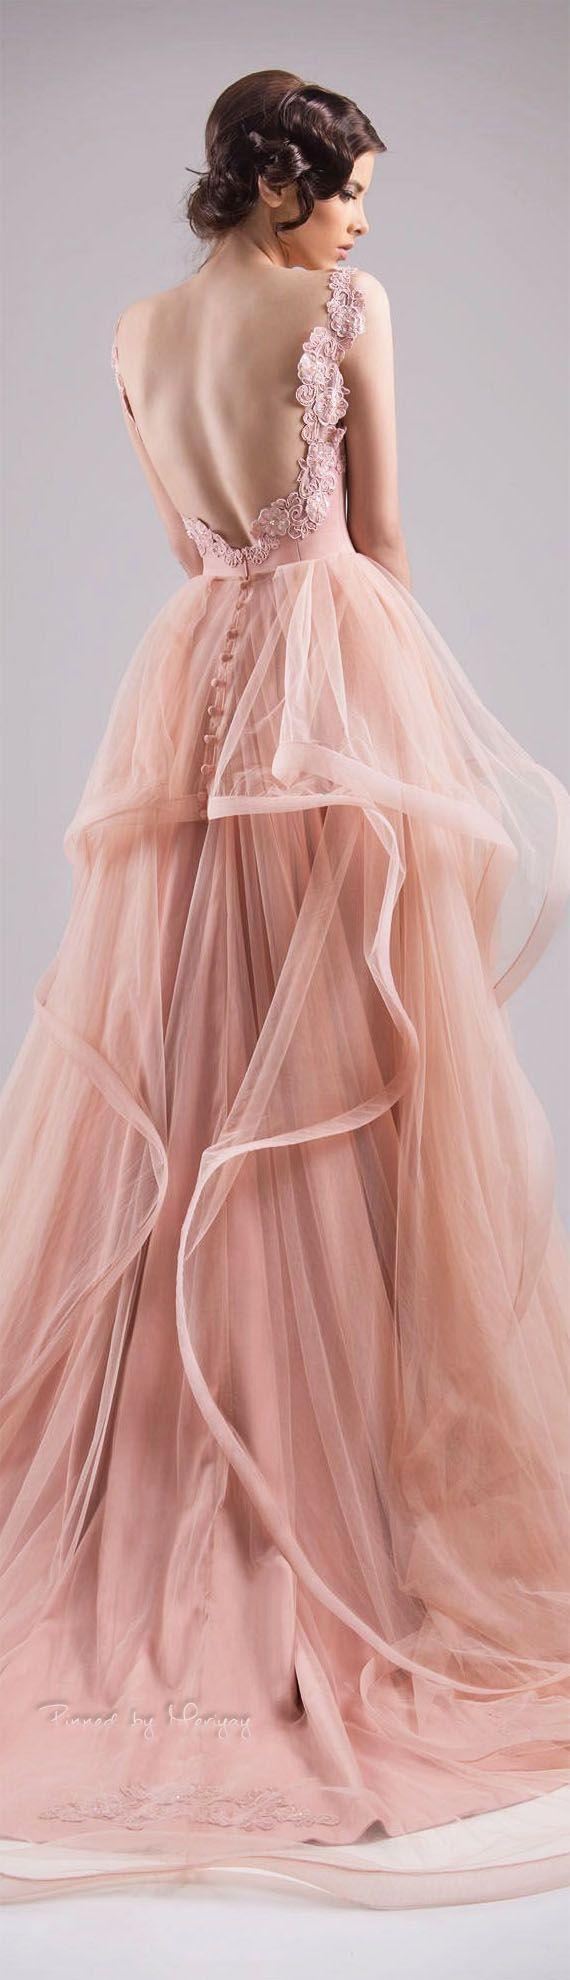 Espalda descubierta | Style | Pinterest | Vestiditos, Espalda y ...